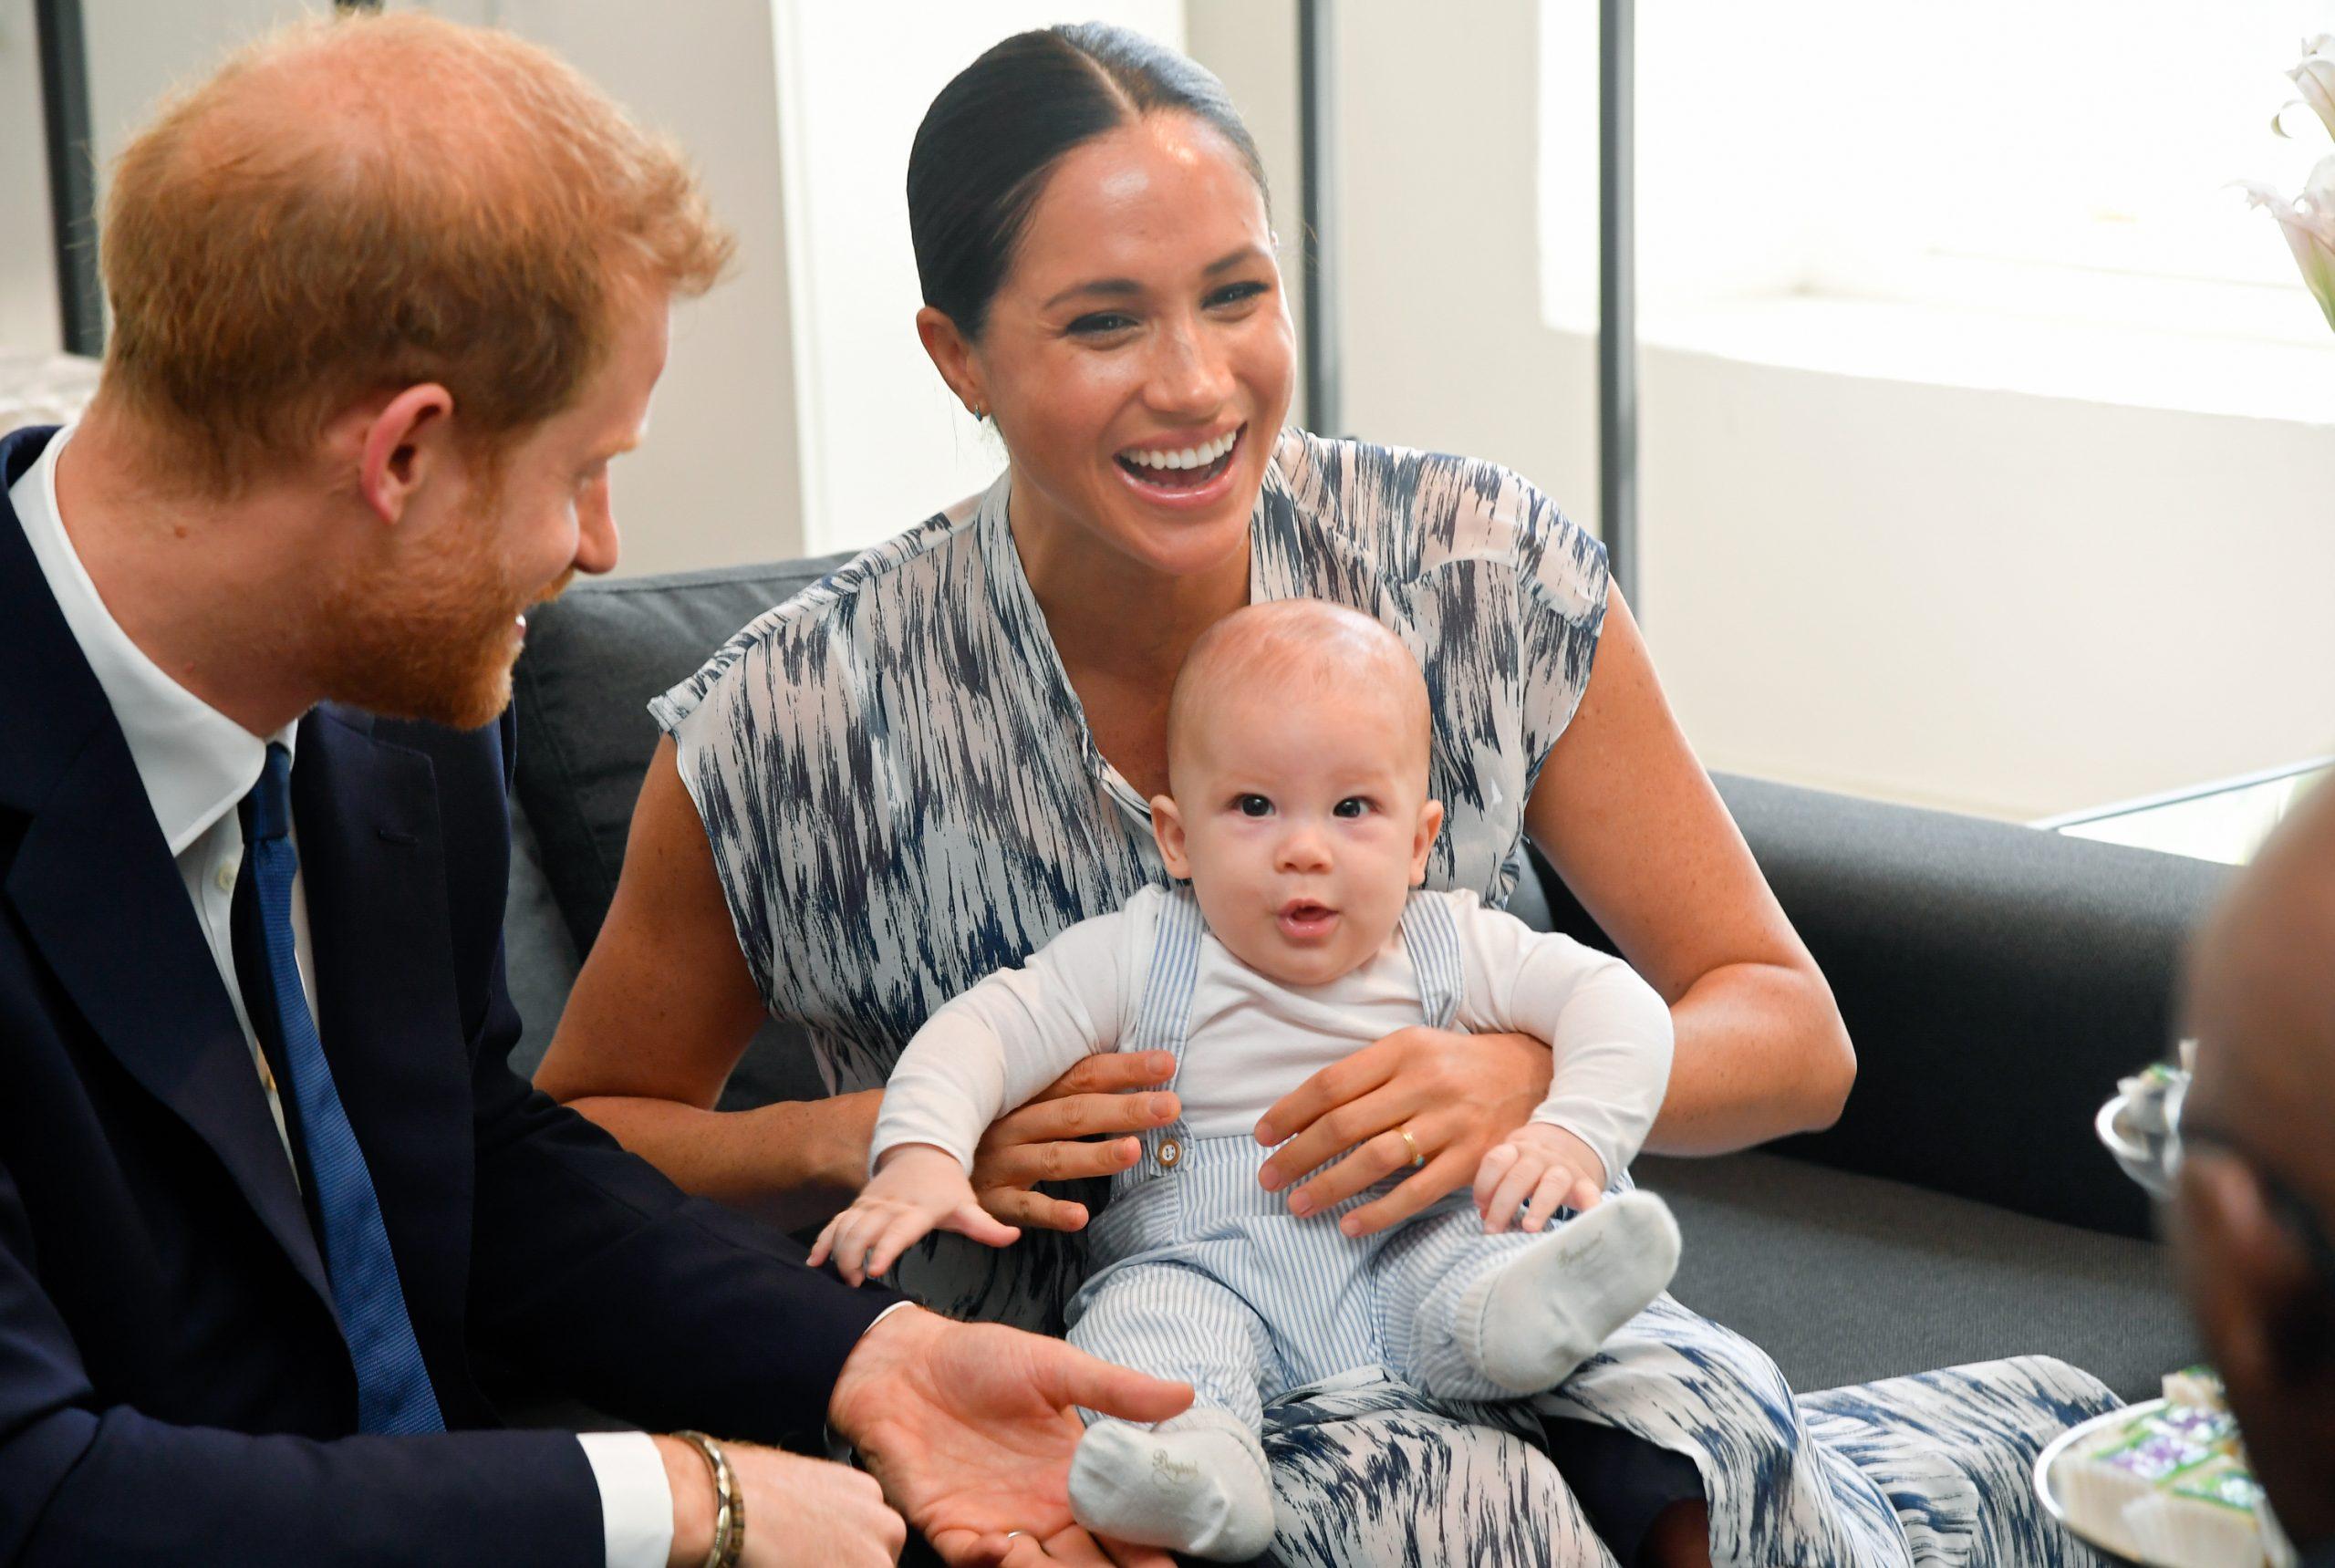 Meghan tient son fils Archie dans ses bras sous le regard du Prince Harry.